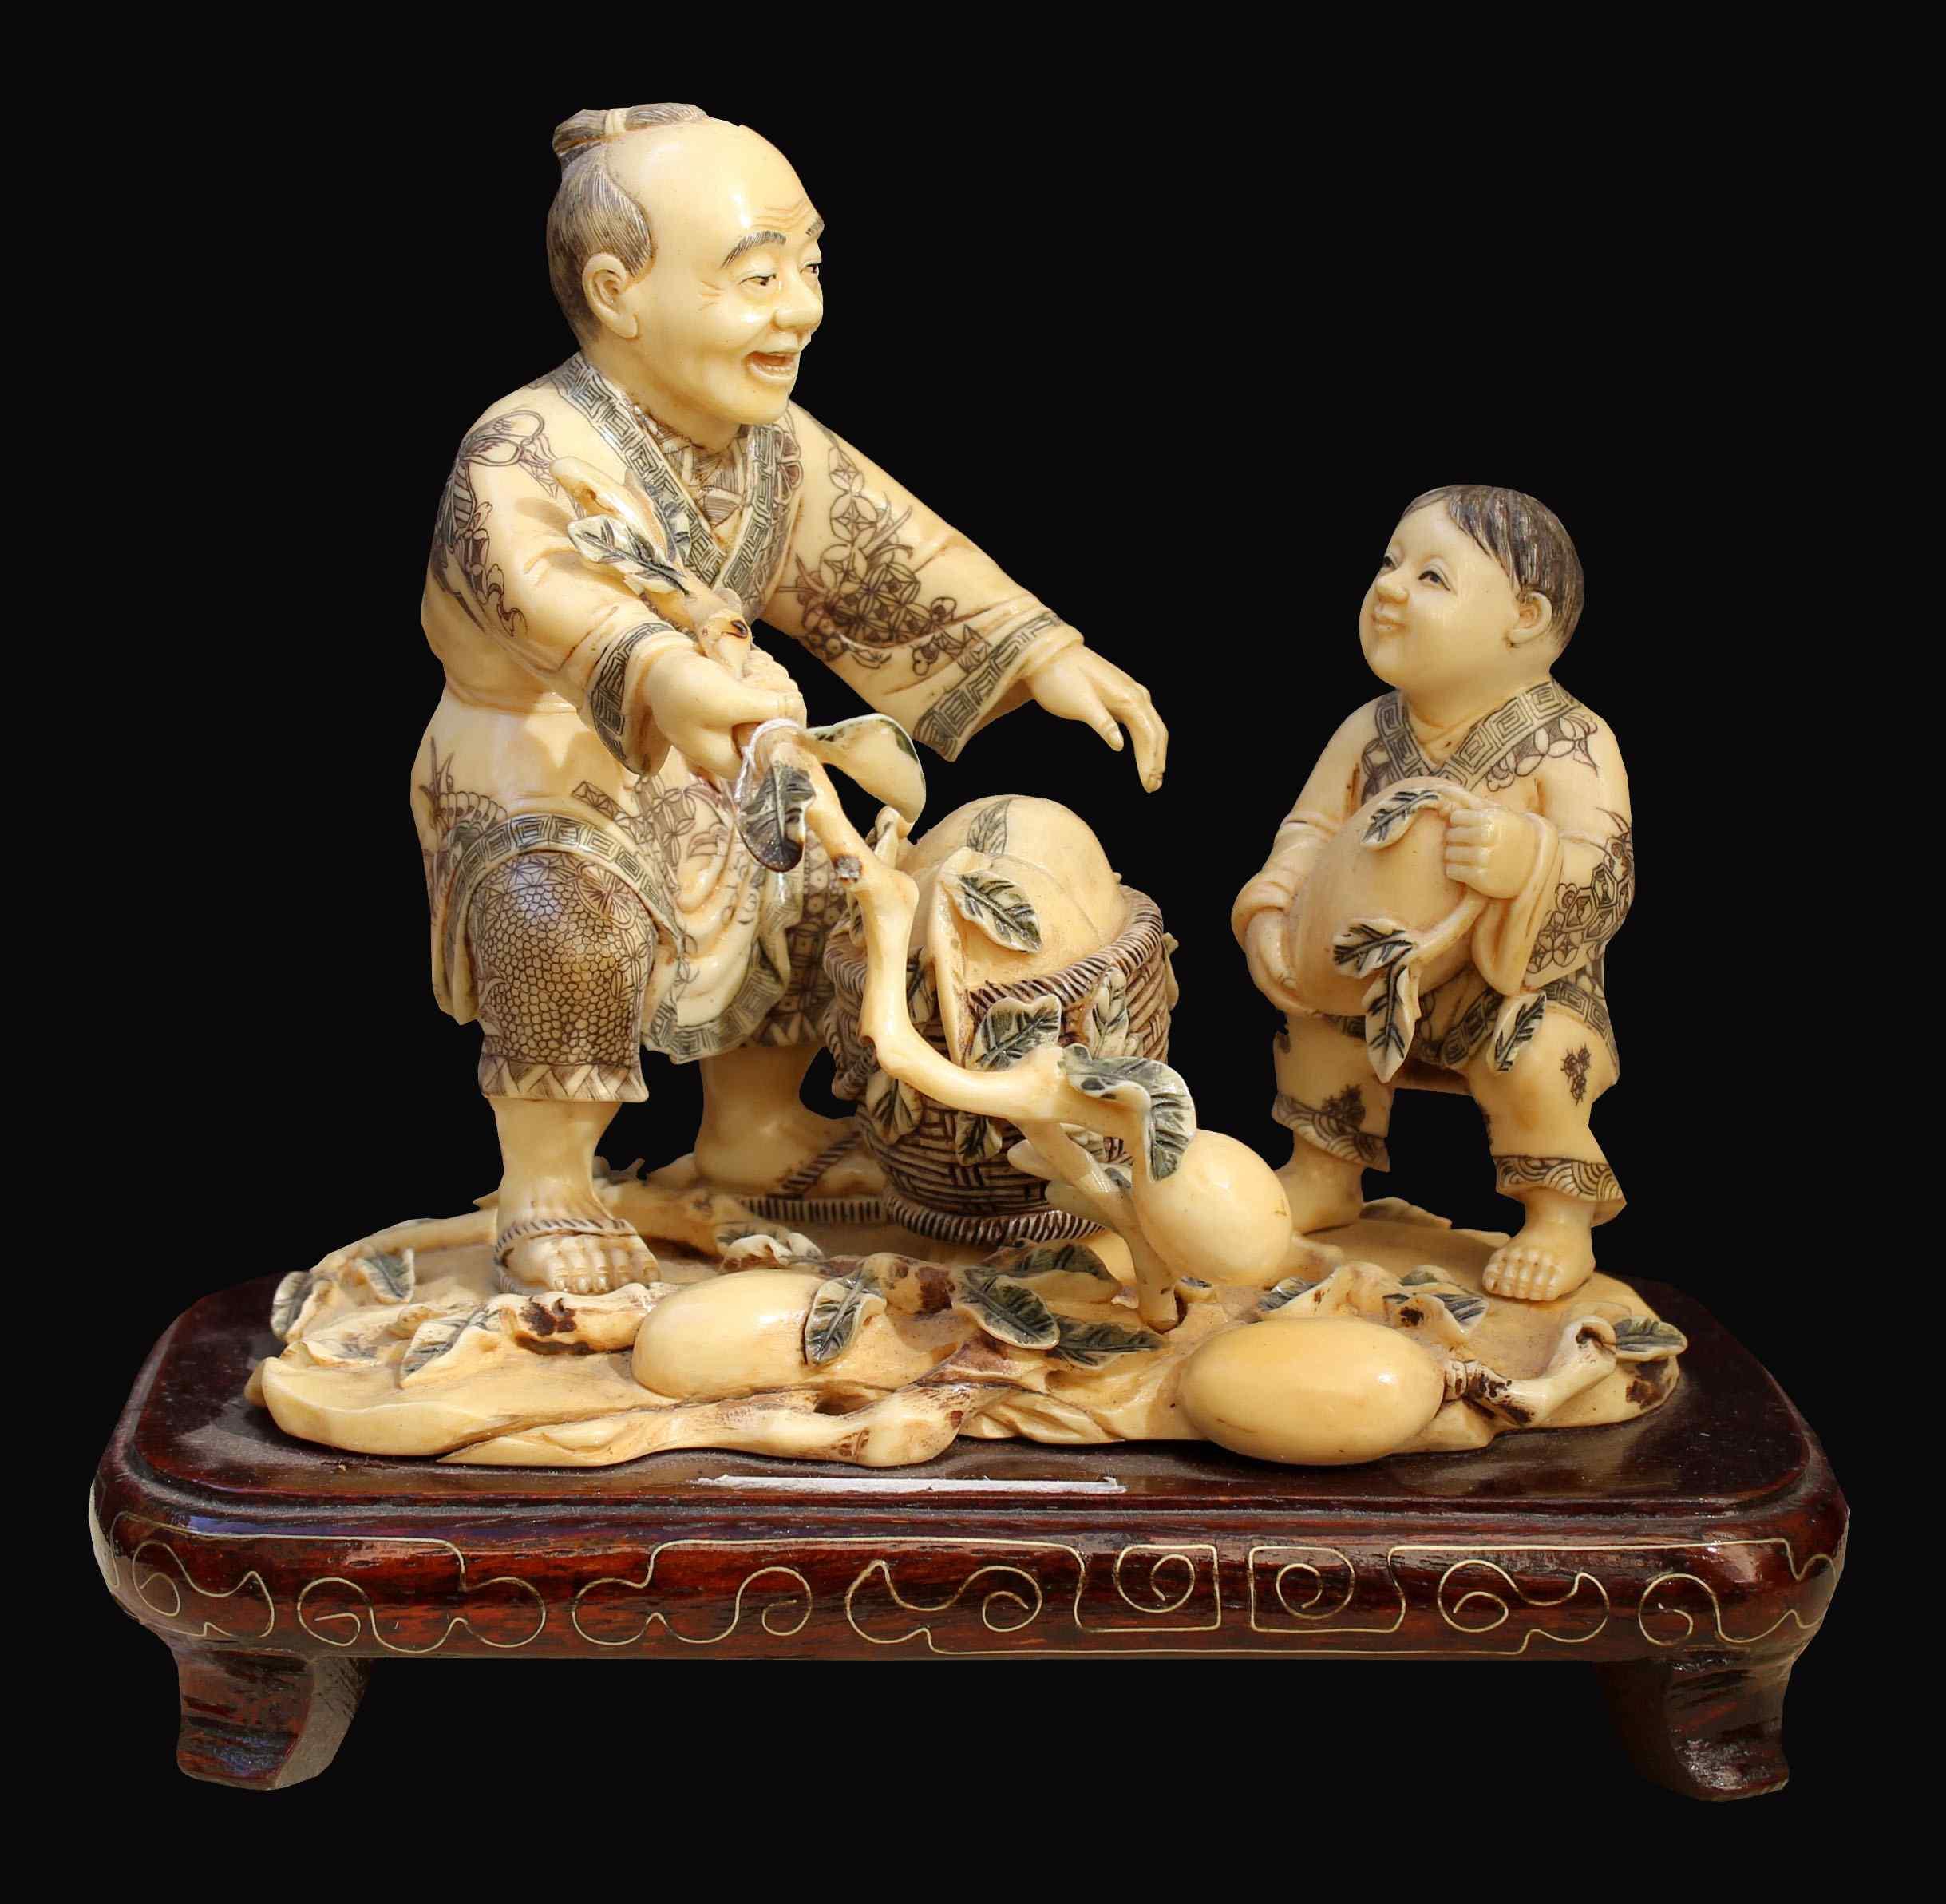 Saggio con bambino Avorio Antico Fine XIX secolo